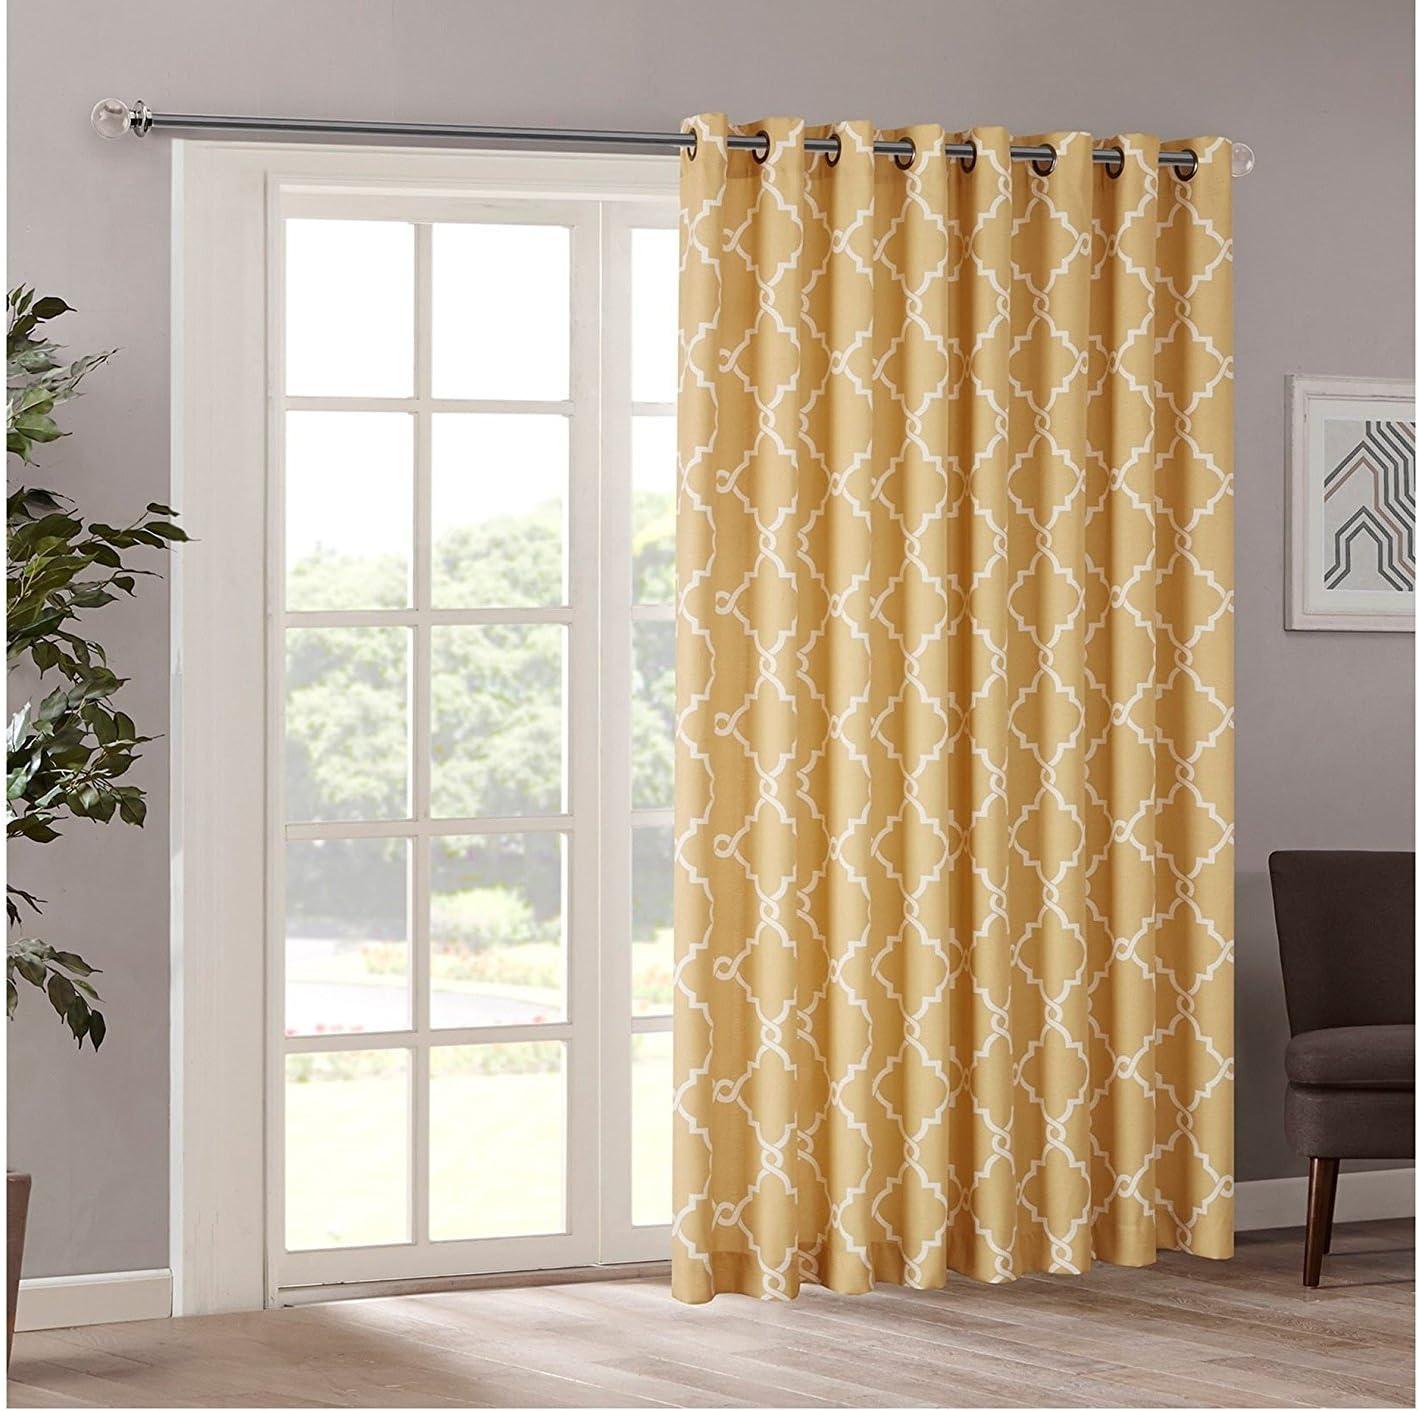 1Pieza 84 color amarillo geométrico cortina de puerta corredera ...